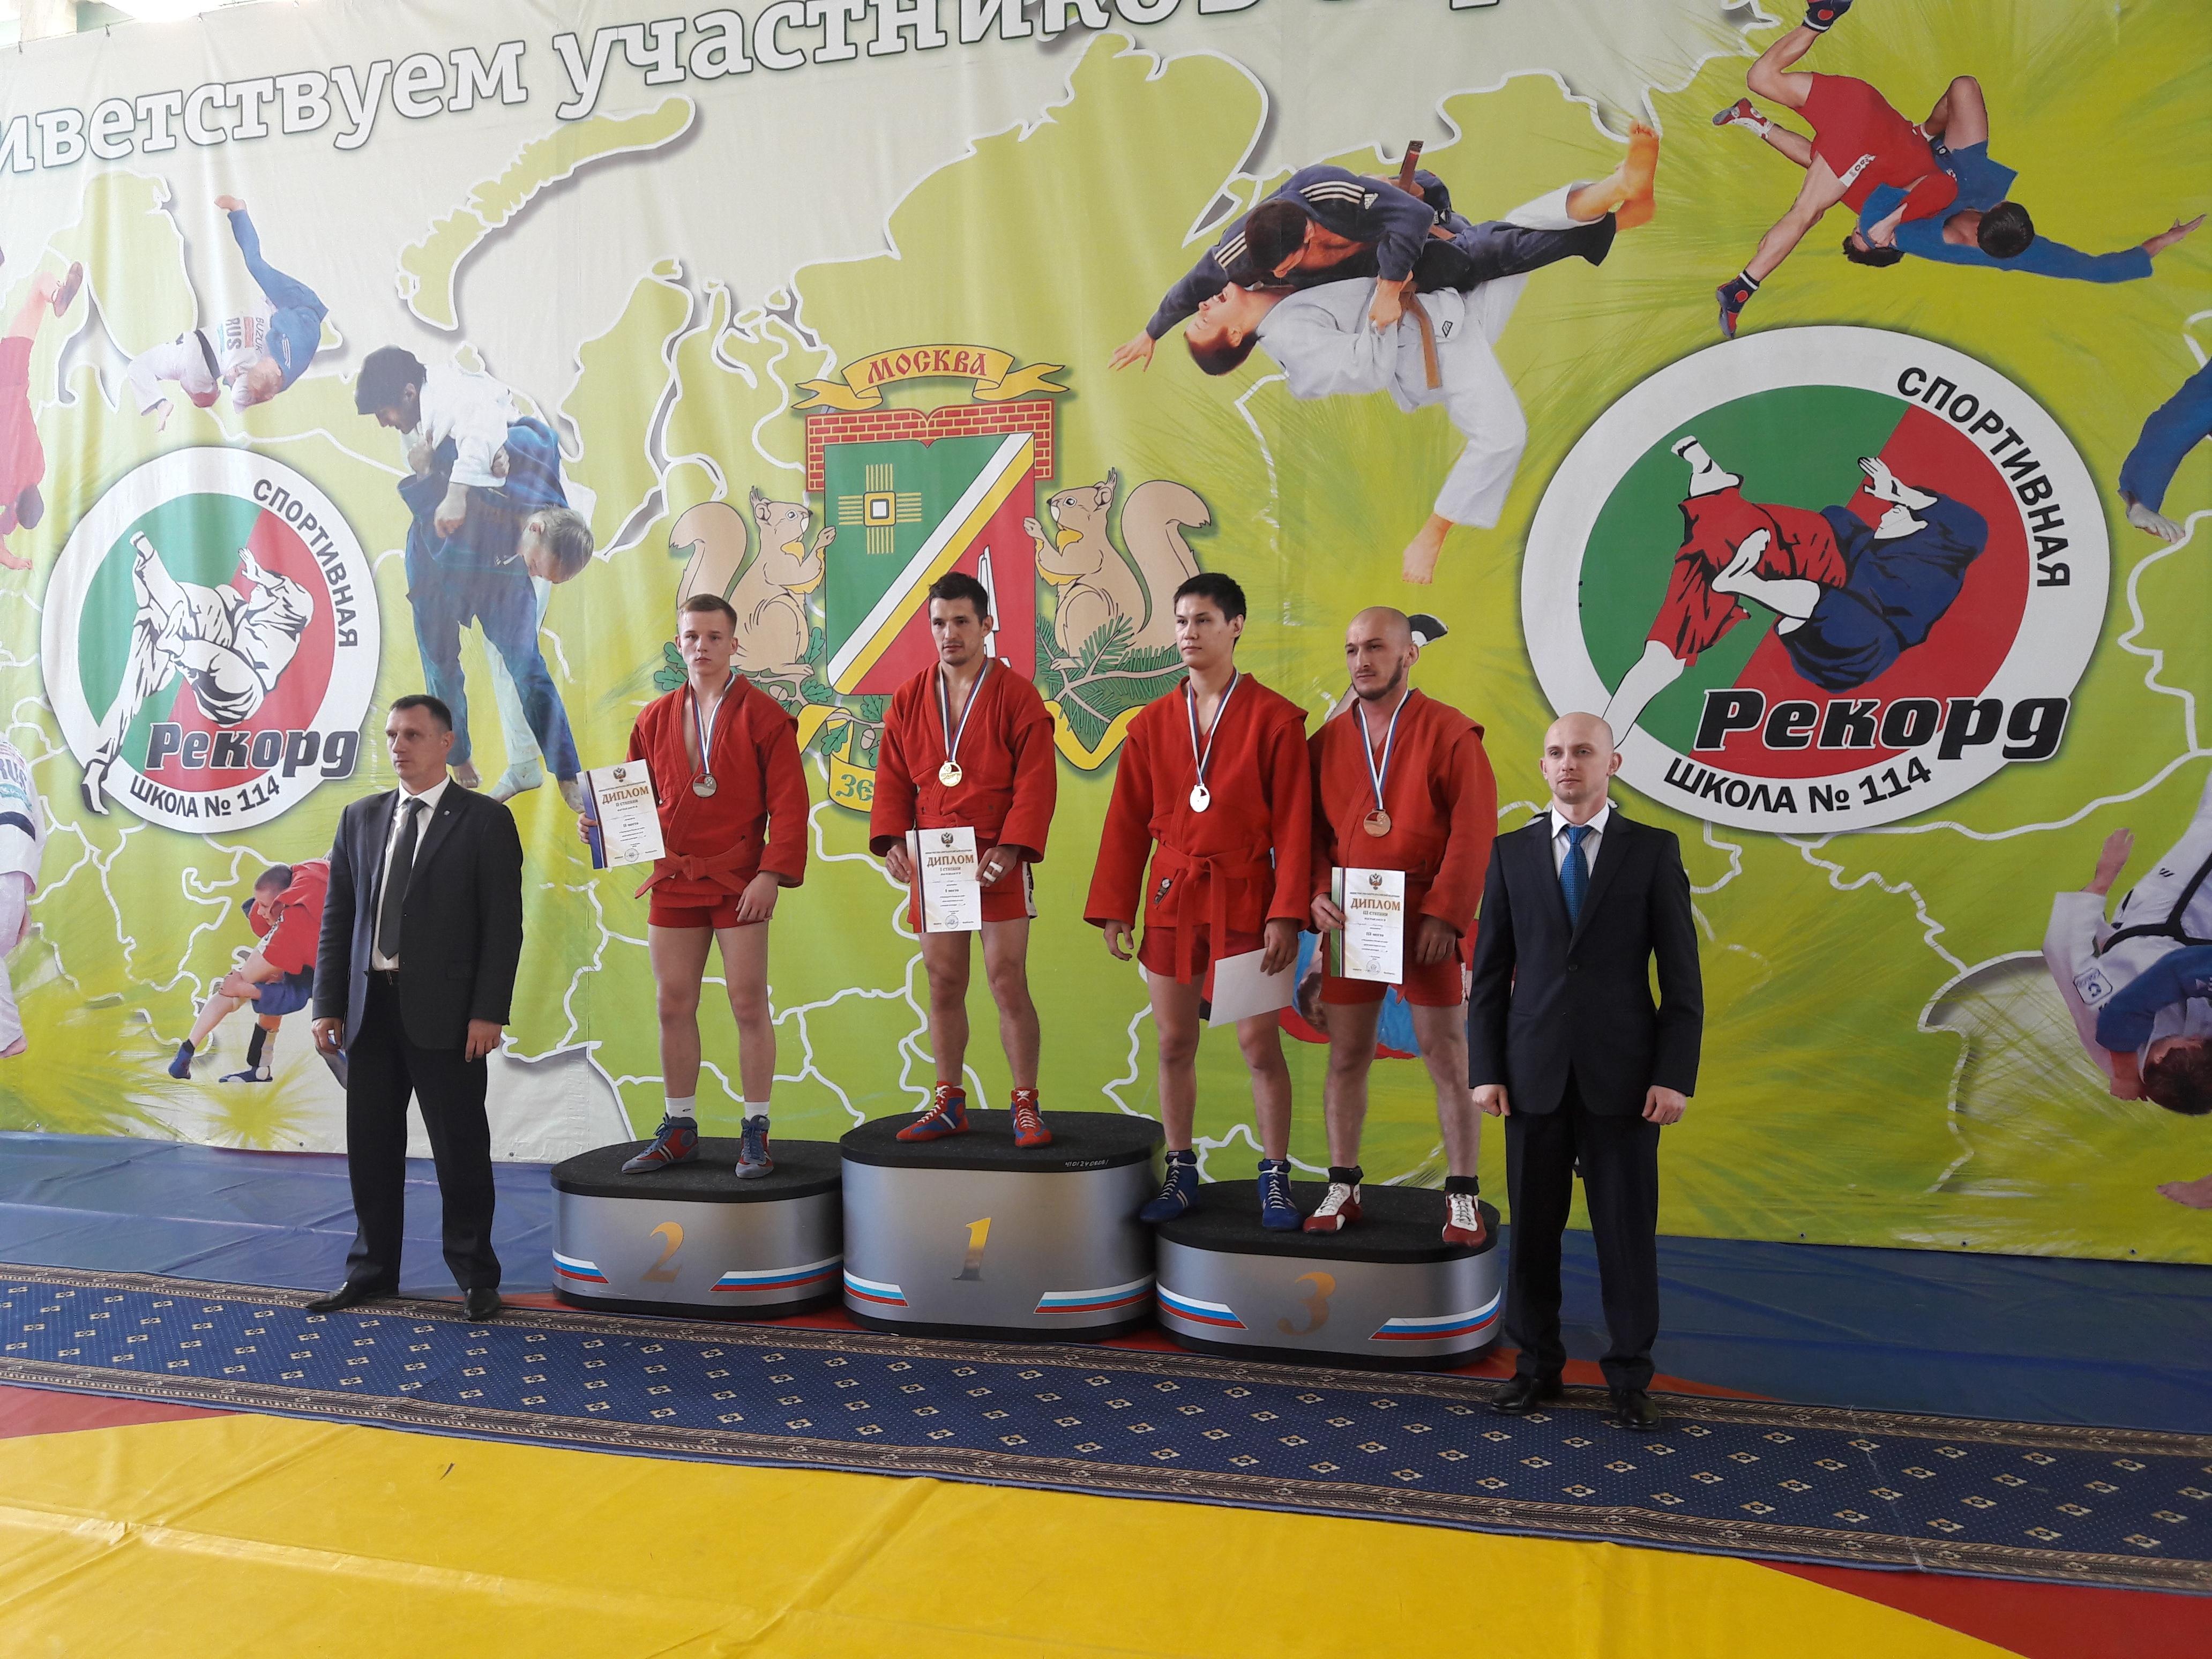 Кировский борец стал серебряным призером Чемпионата России по самбо.